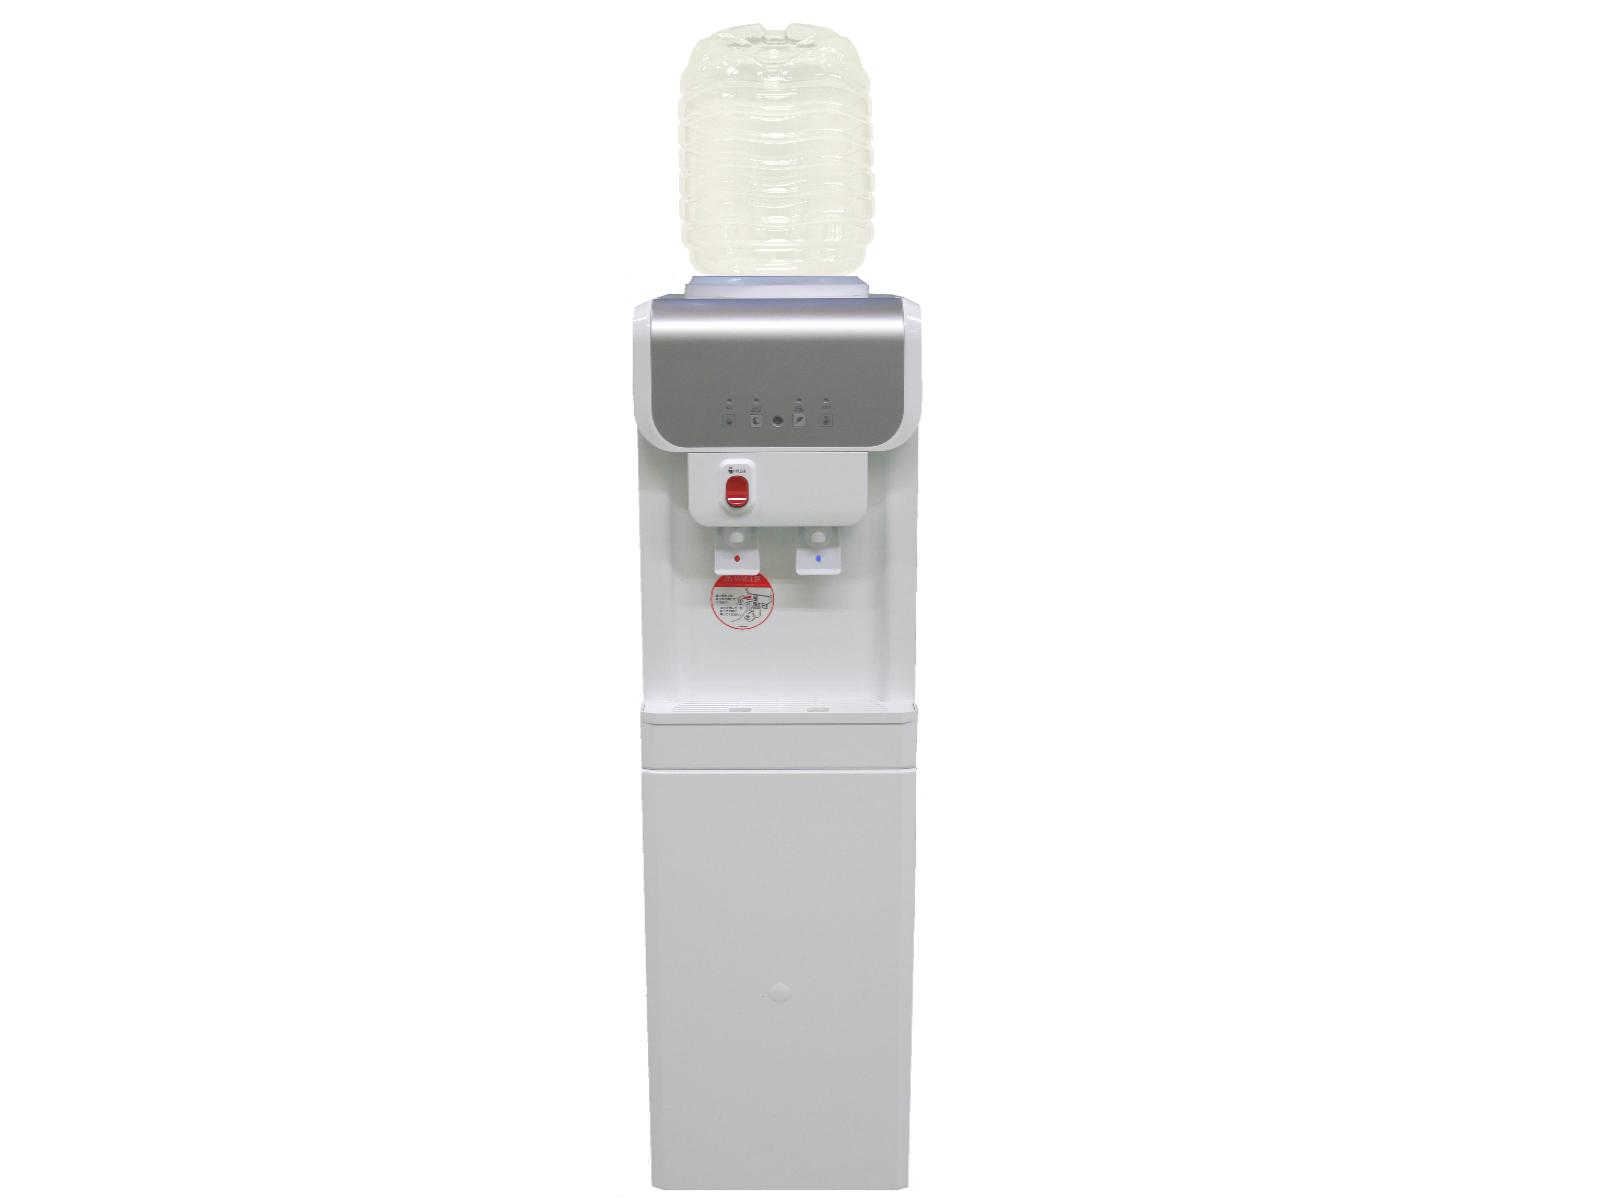 ガロンボトル用据置型ウォーターサーバー B19A1ホワイト 専用8リットルボトル2本つき